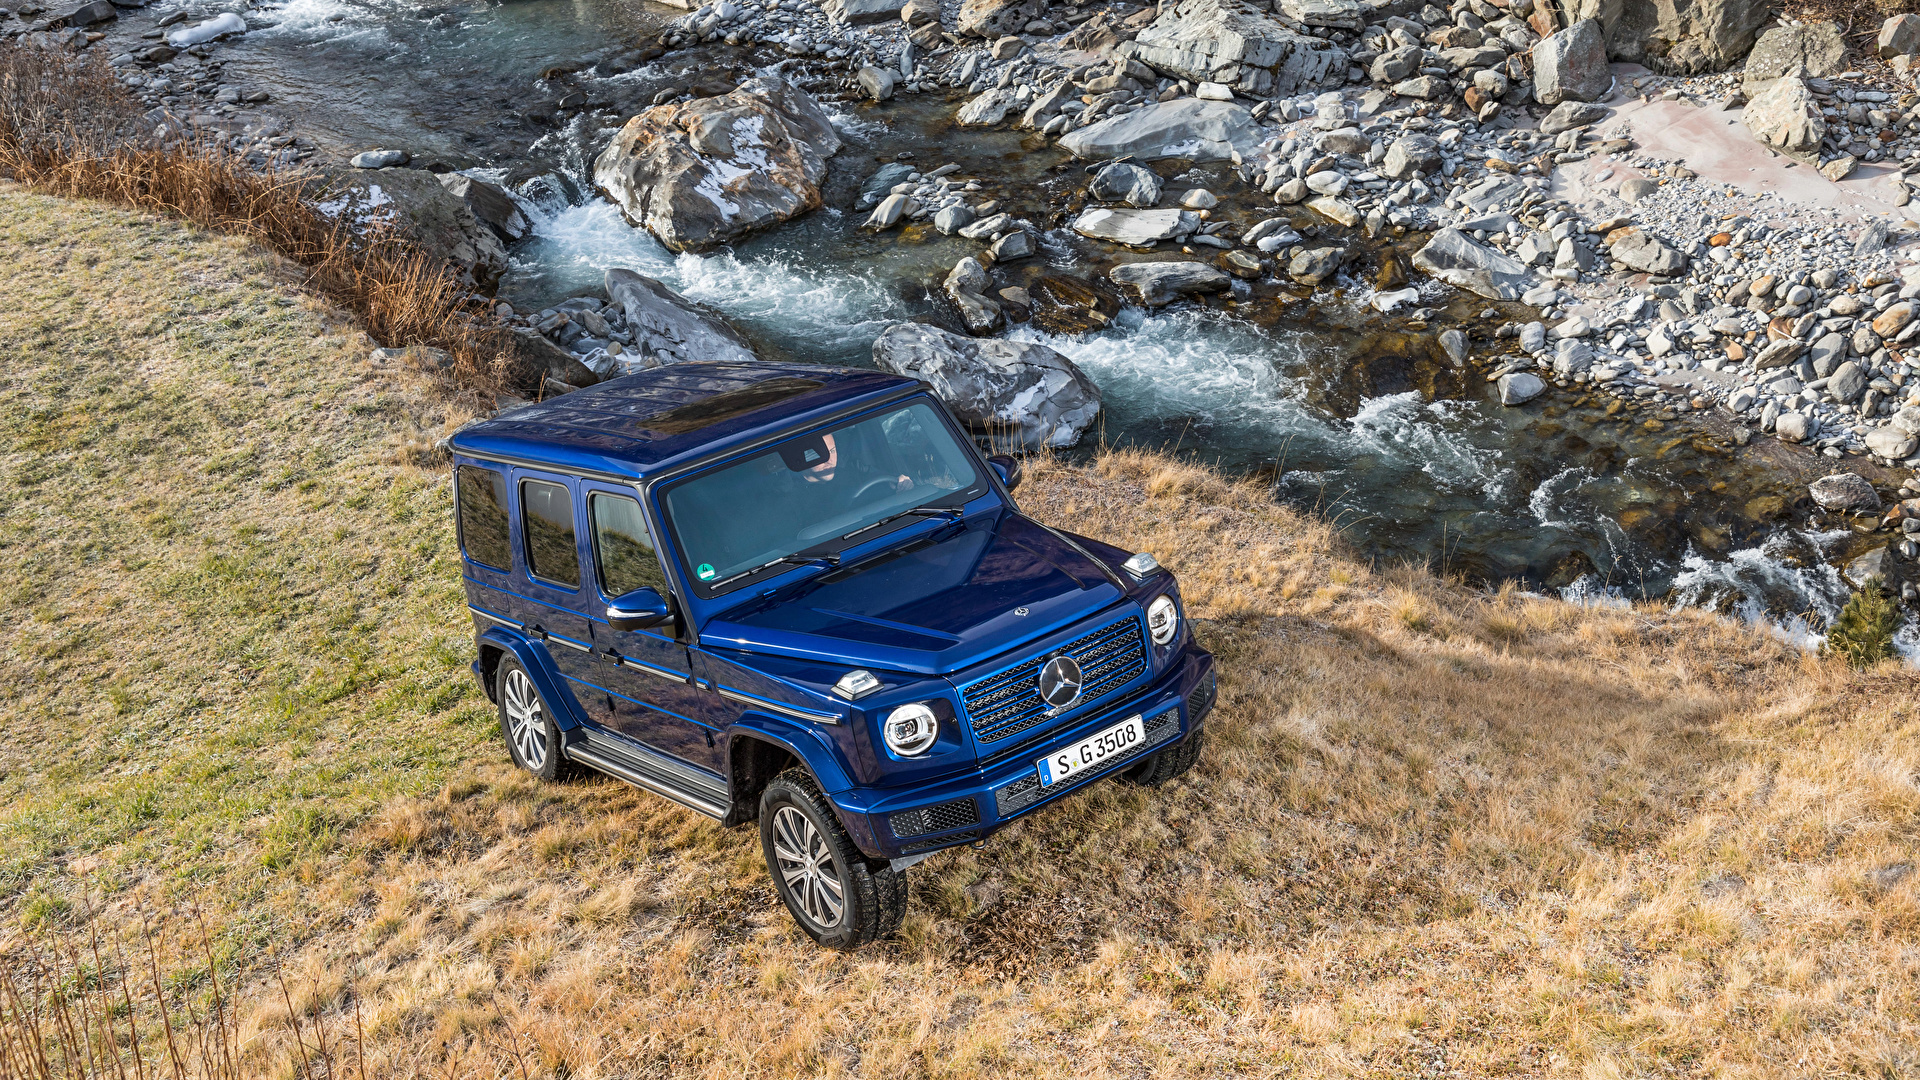 Фото Мерседес бенц SUV 2019 G 350 d Worldwide синие авто Металлик 1920x1080 Mercedes-Benz Внедорожник синих Синий синяя машина машины автомобиль Автомобили